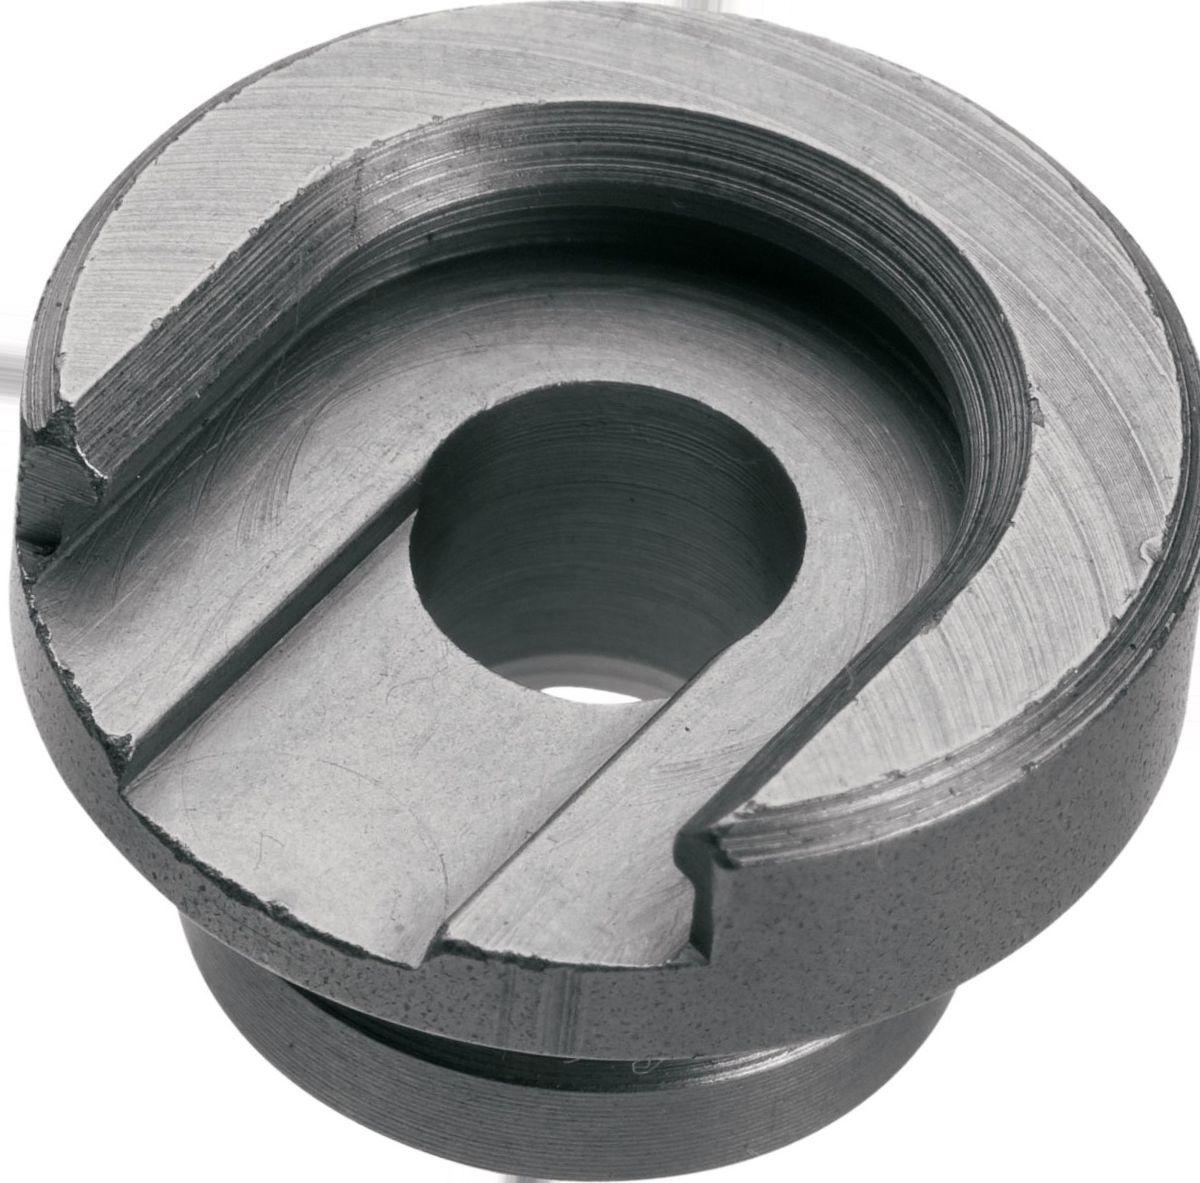 RCBS® Universal Shell Holder